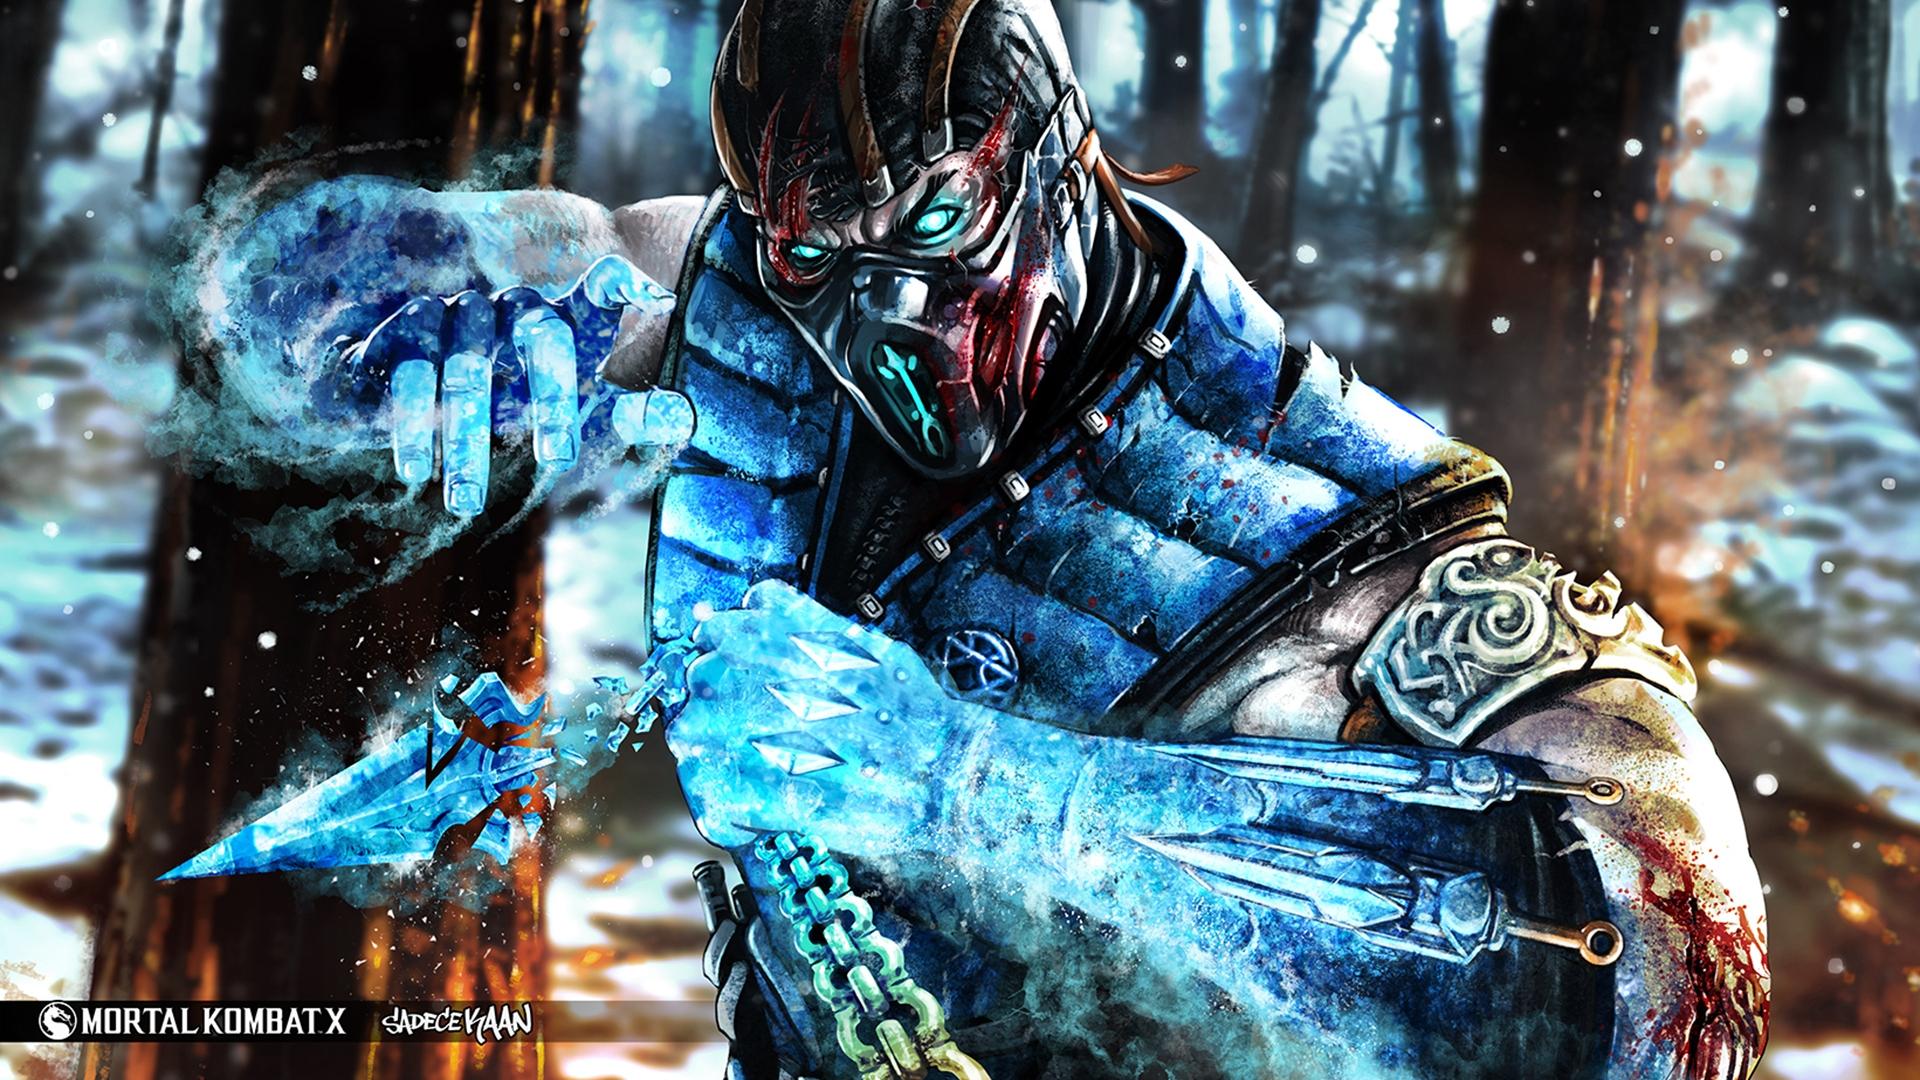 Mortal Kombat X Subzero Hd Wallpaper Wallpaperfx